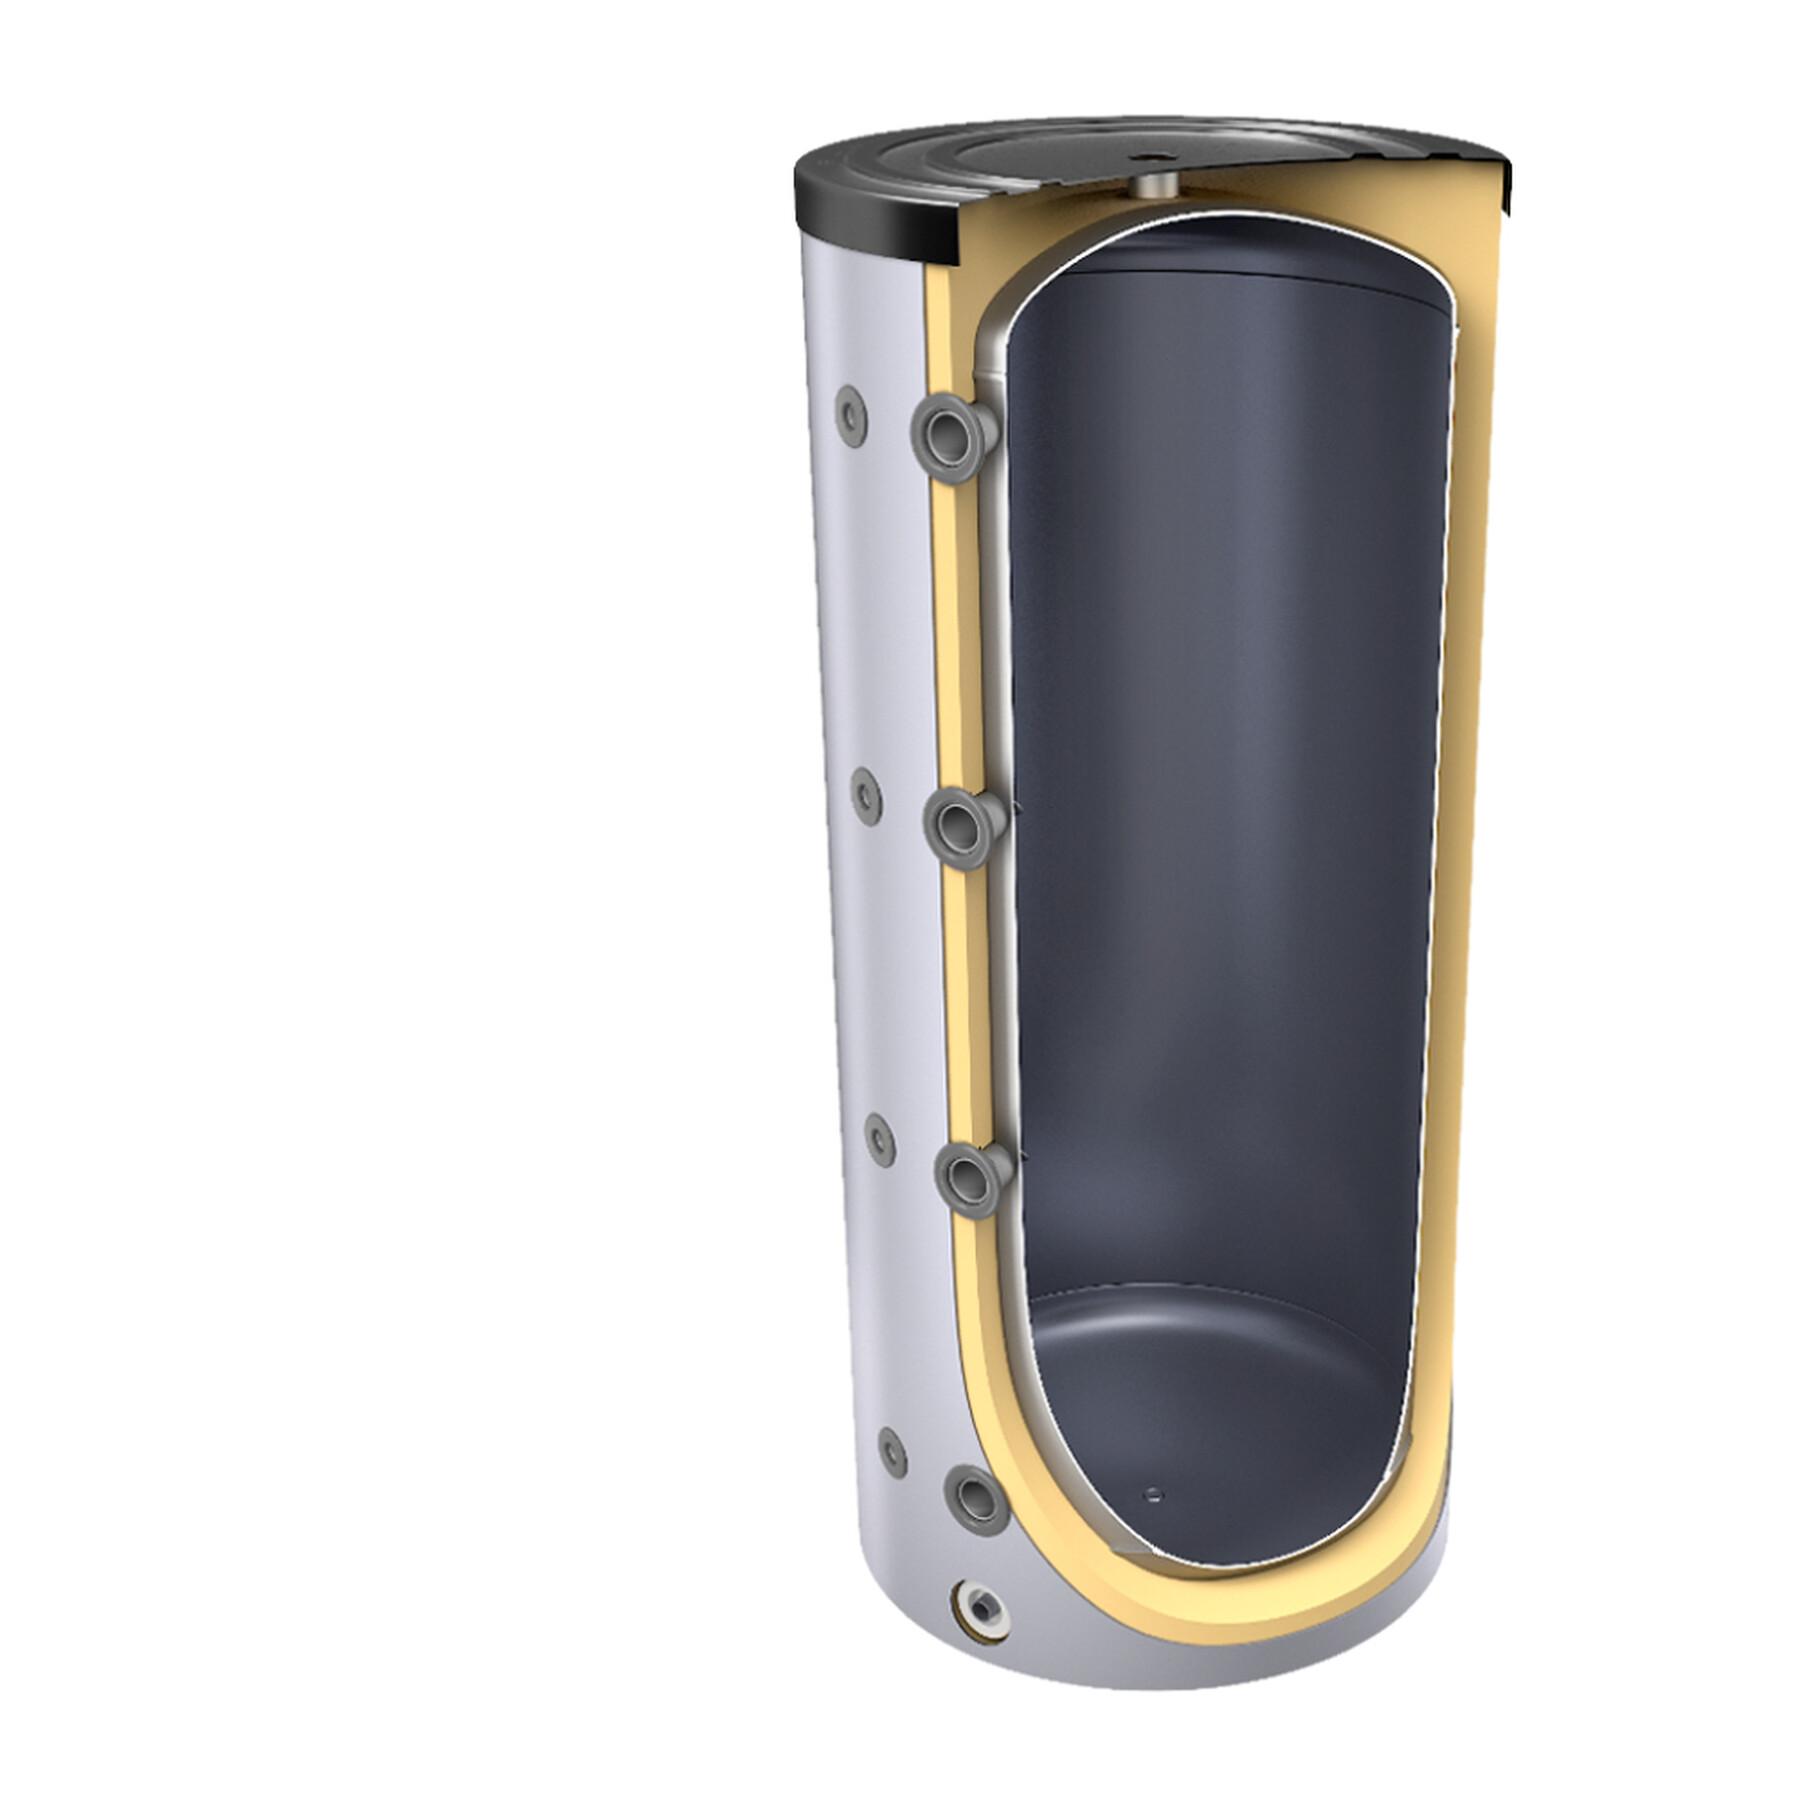 300 liter pufferspeicher ohne w rmetauscher inkl. Black Bedroom Furniture Sets. Home Design Ideas